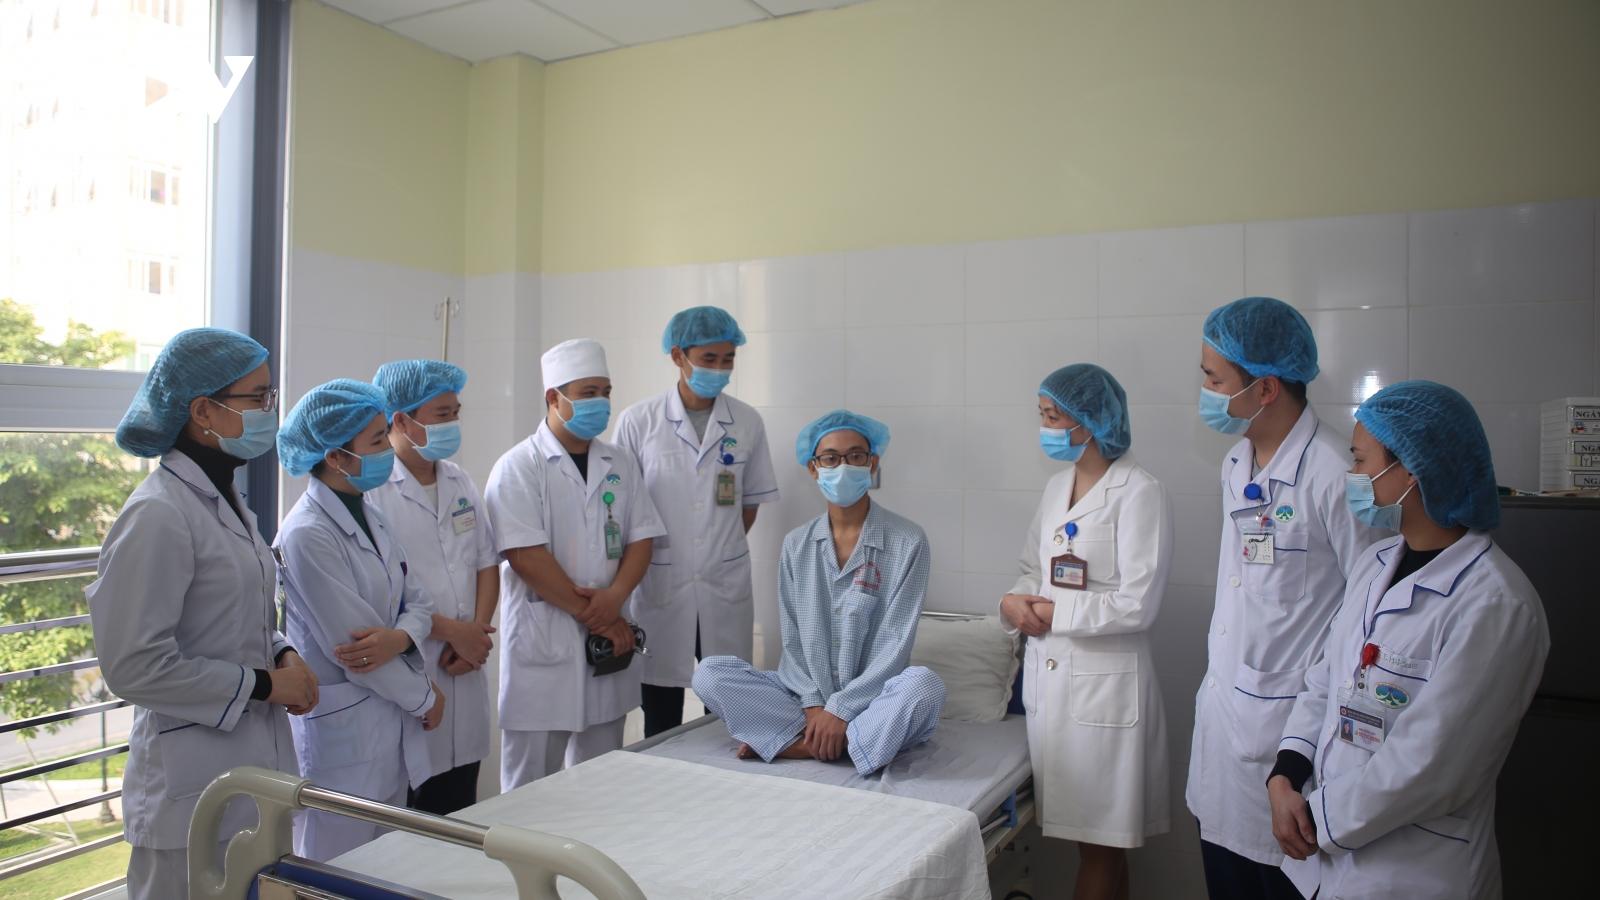 Bệnh viện Đa khoa tỉnh Thanh Hoá 1 ngày thực hiện 2 ca ghép thận thành công